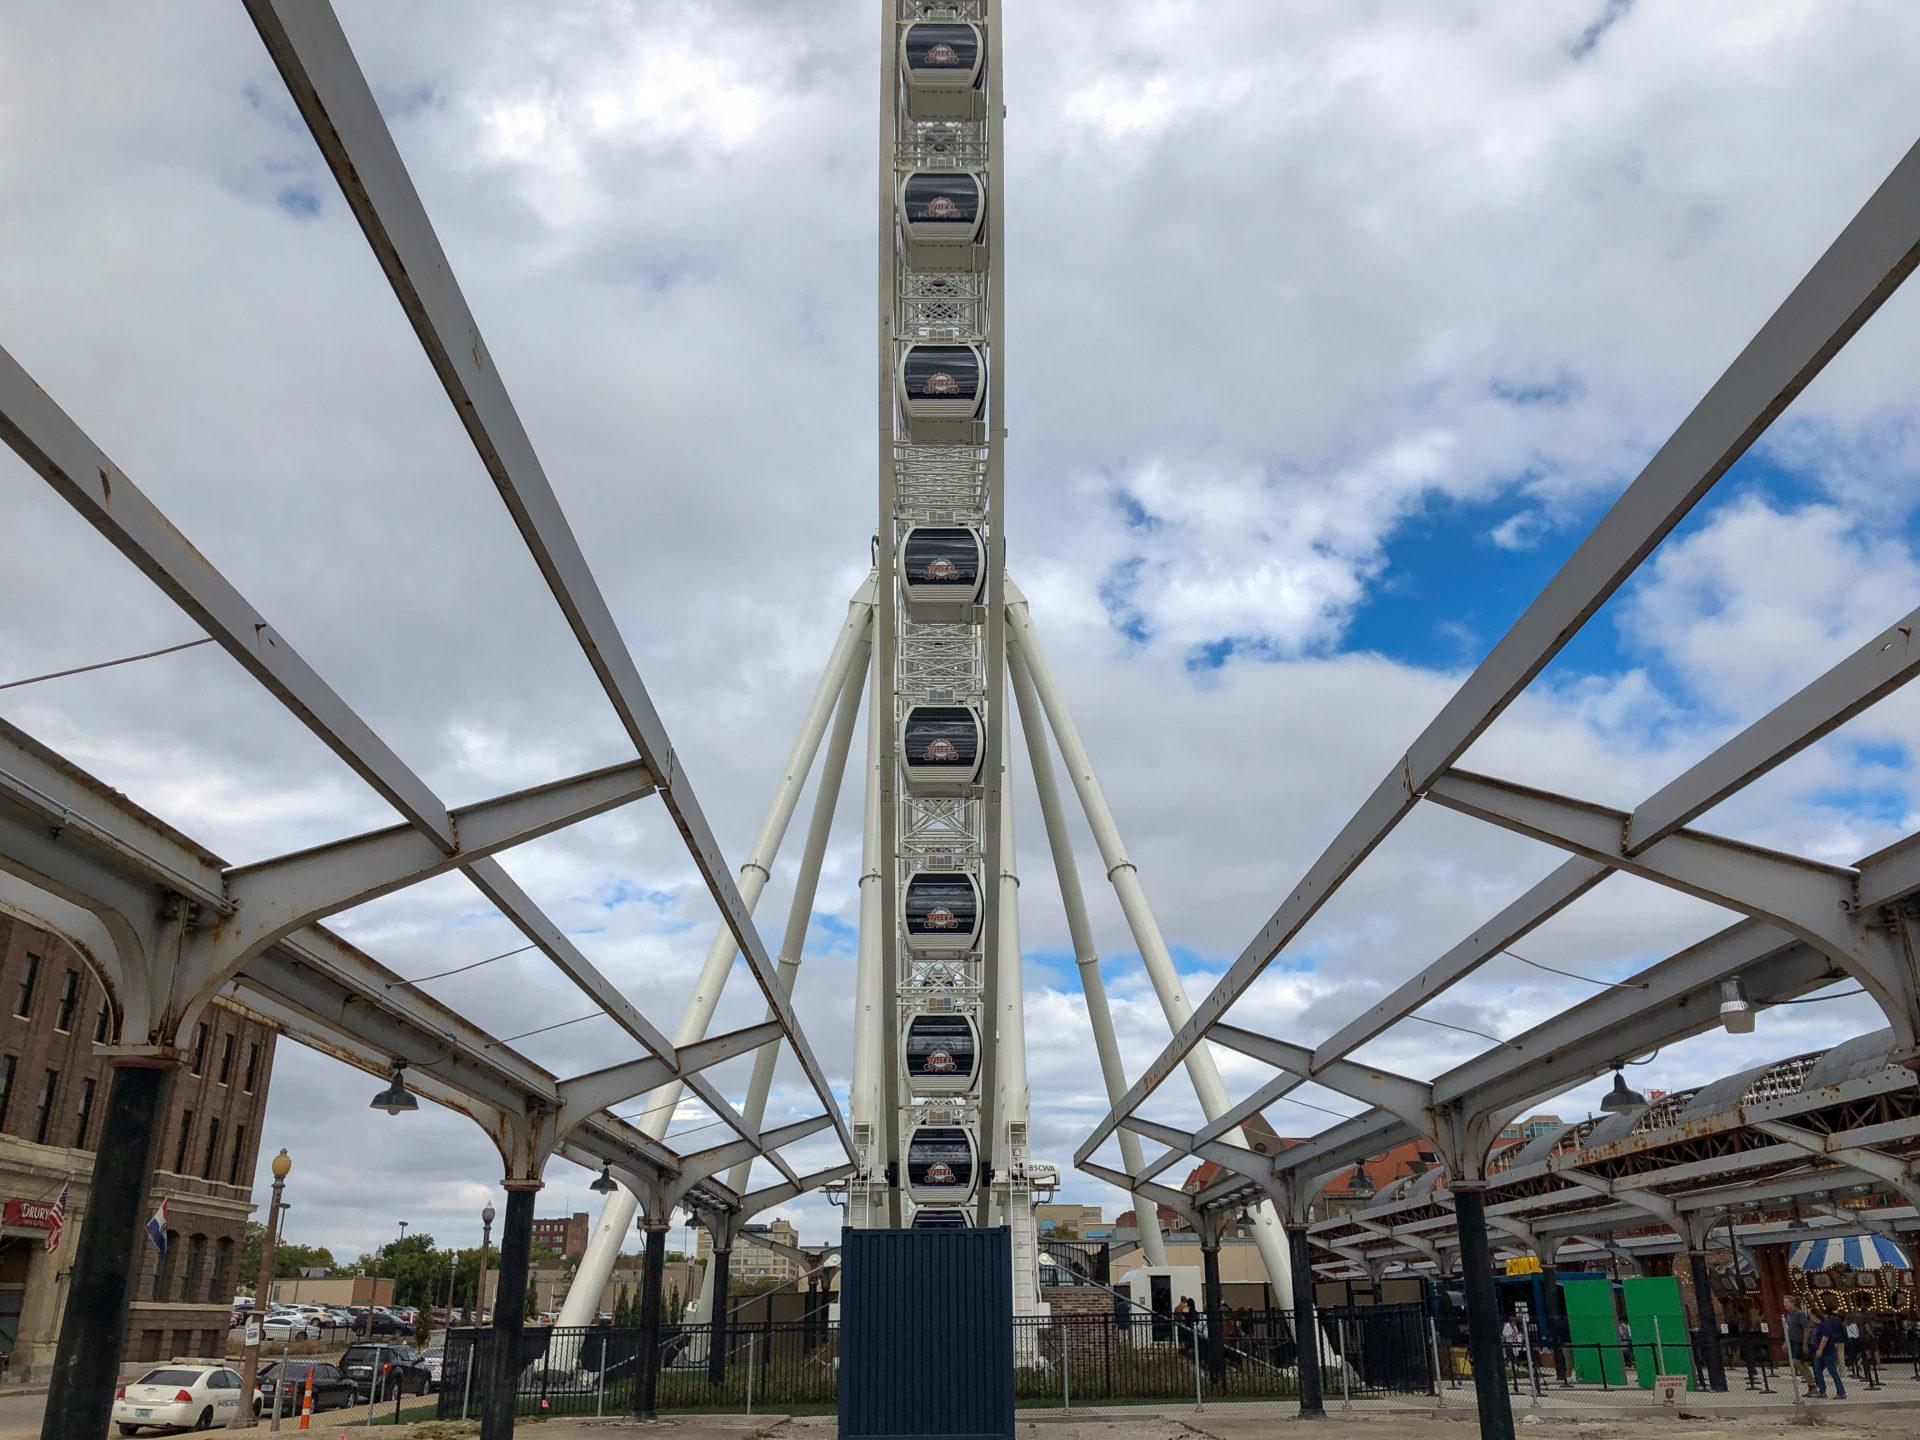 Symmetrisch perfekt ist das Riesenrad am Bahnhof Union Station in Saint Louis